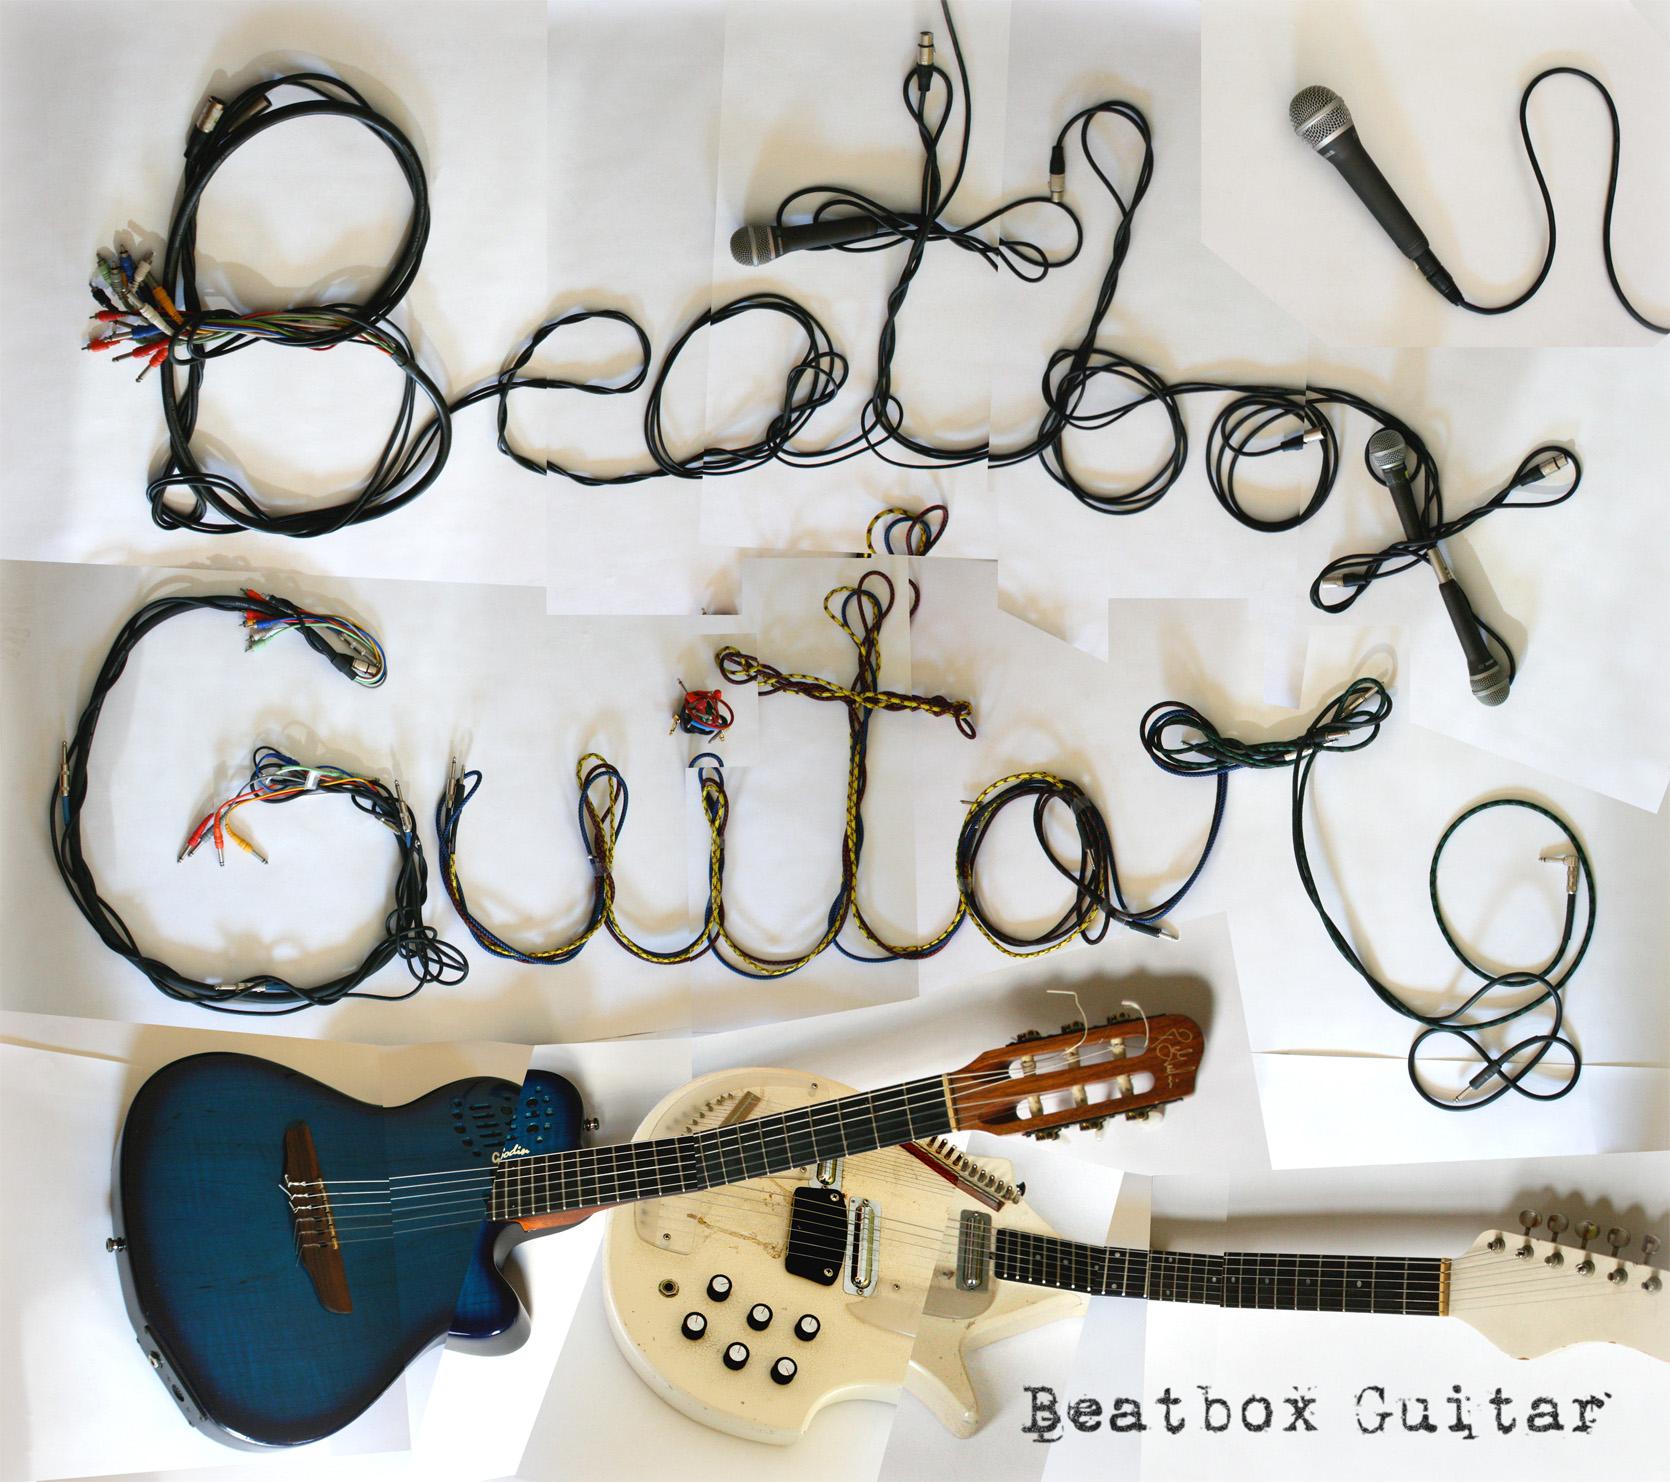 Beatbox_Guitar.jpg